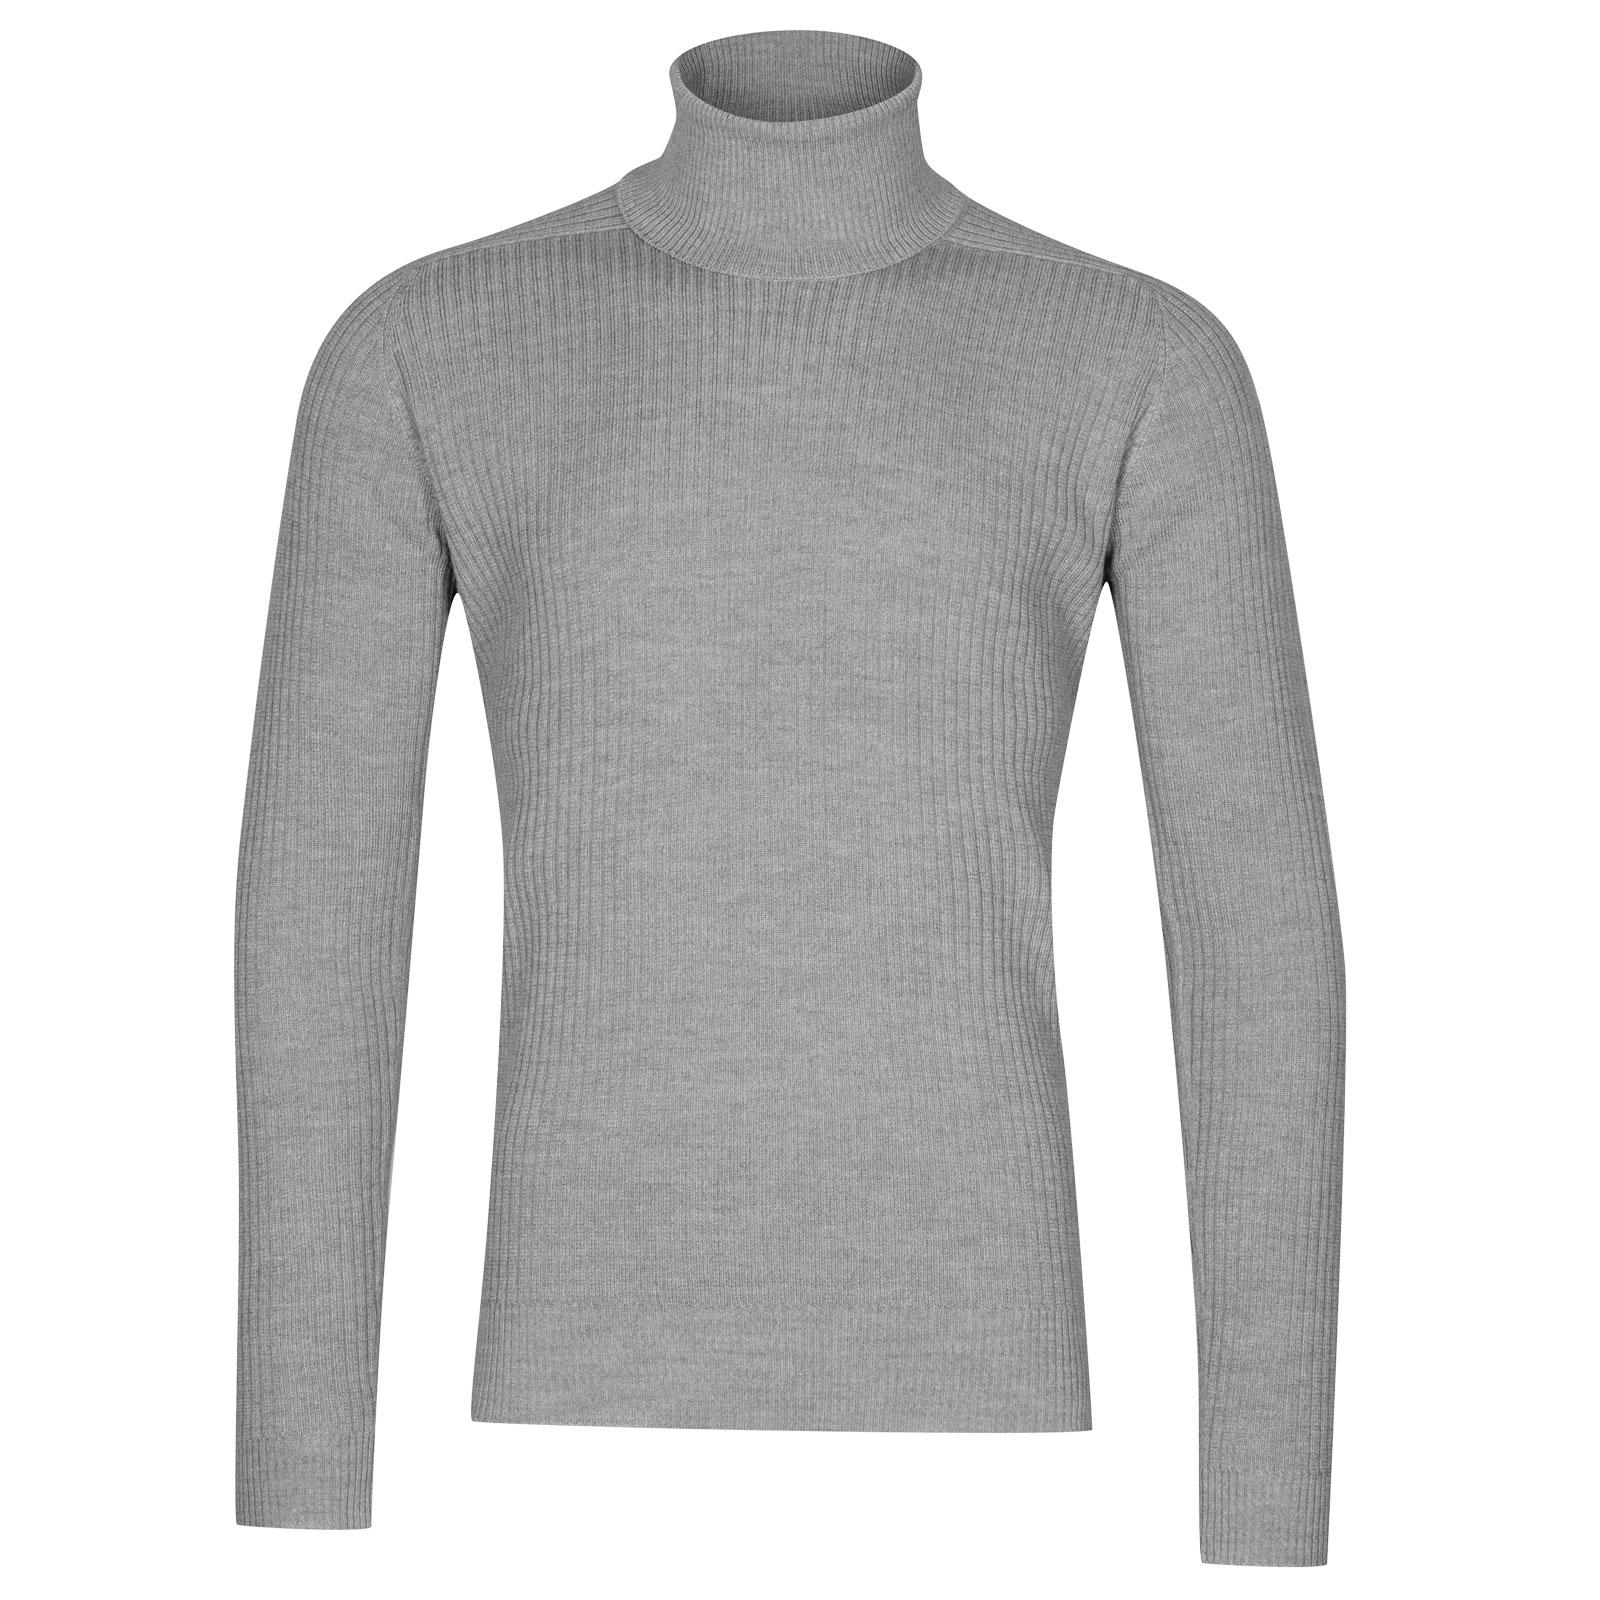 John Smedley redmayne Merino Wool Pullover in Bardot Grey-S